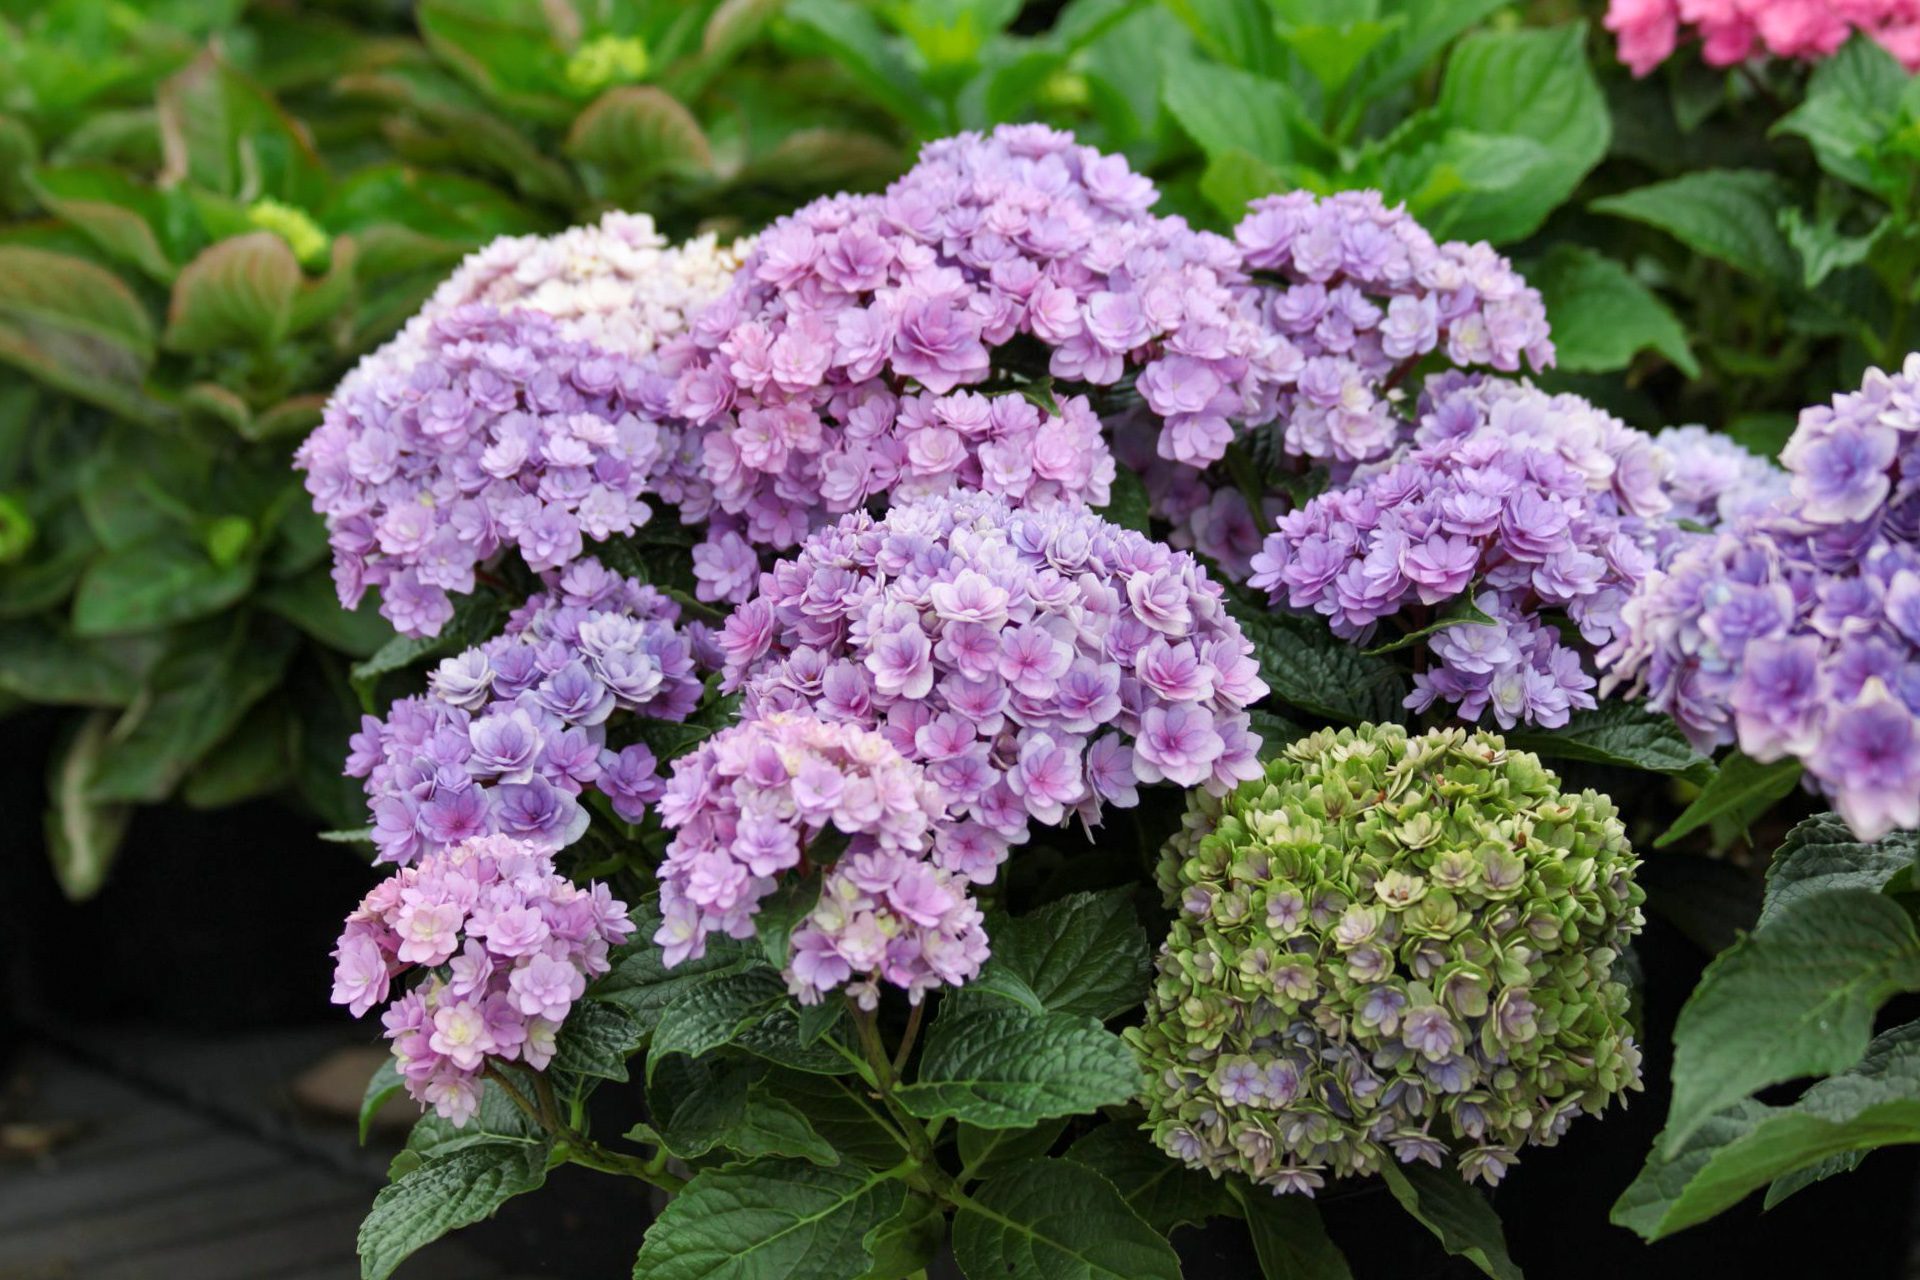 Stambialapė hortenzija violetiniais žiedais